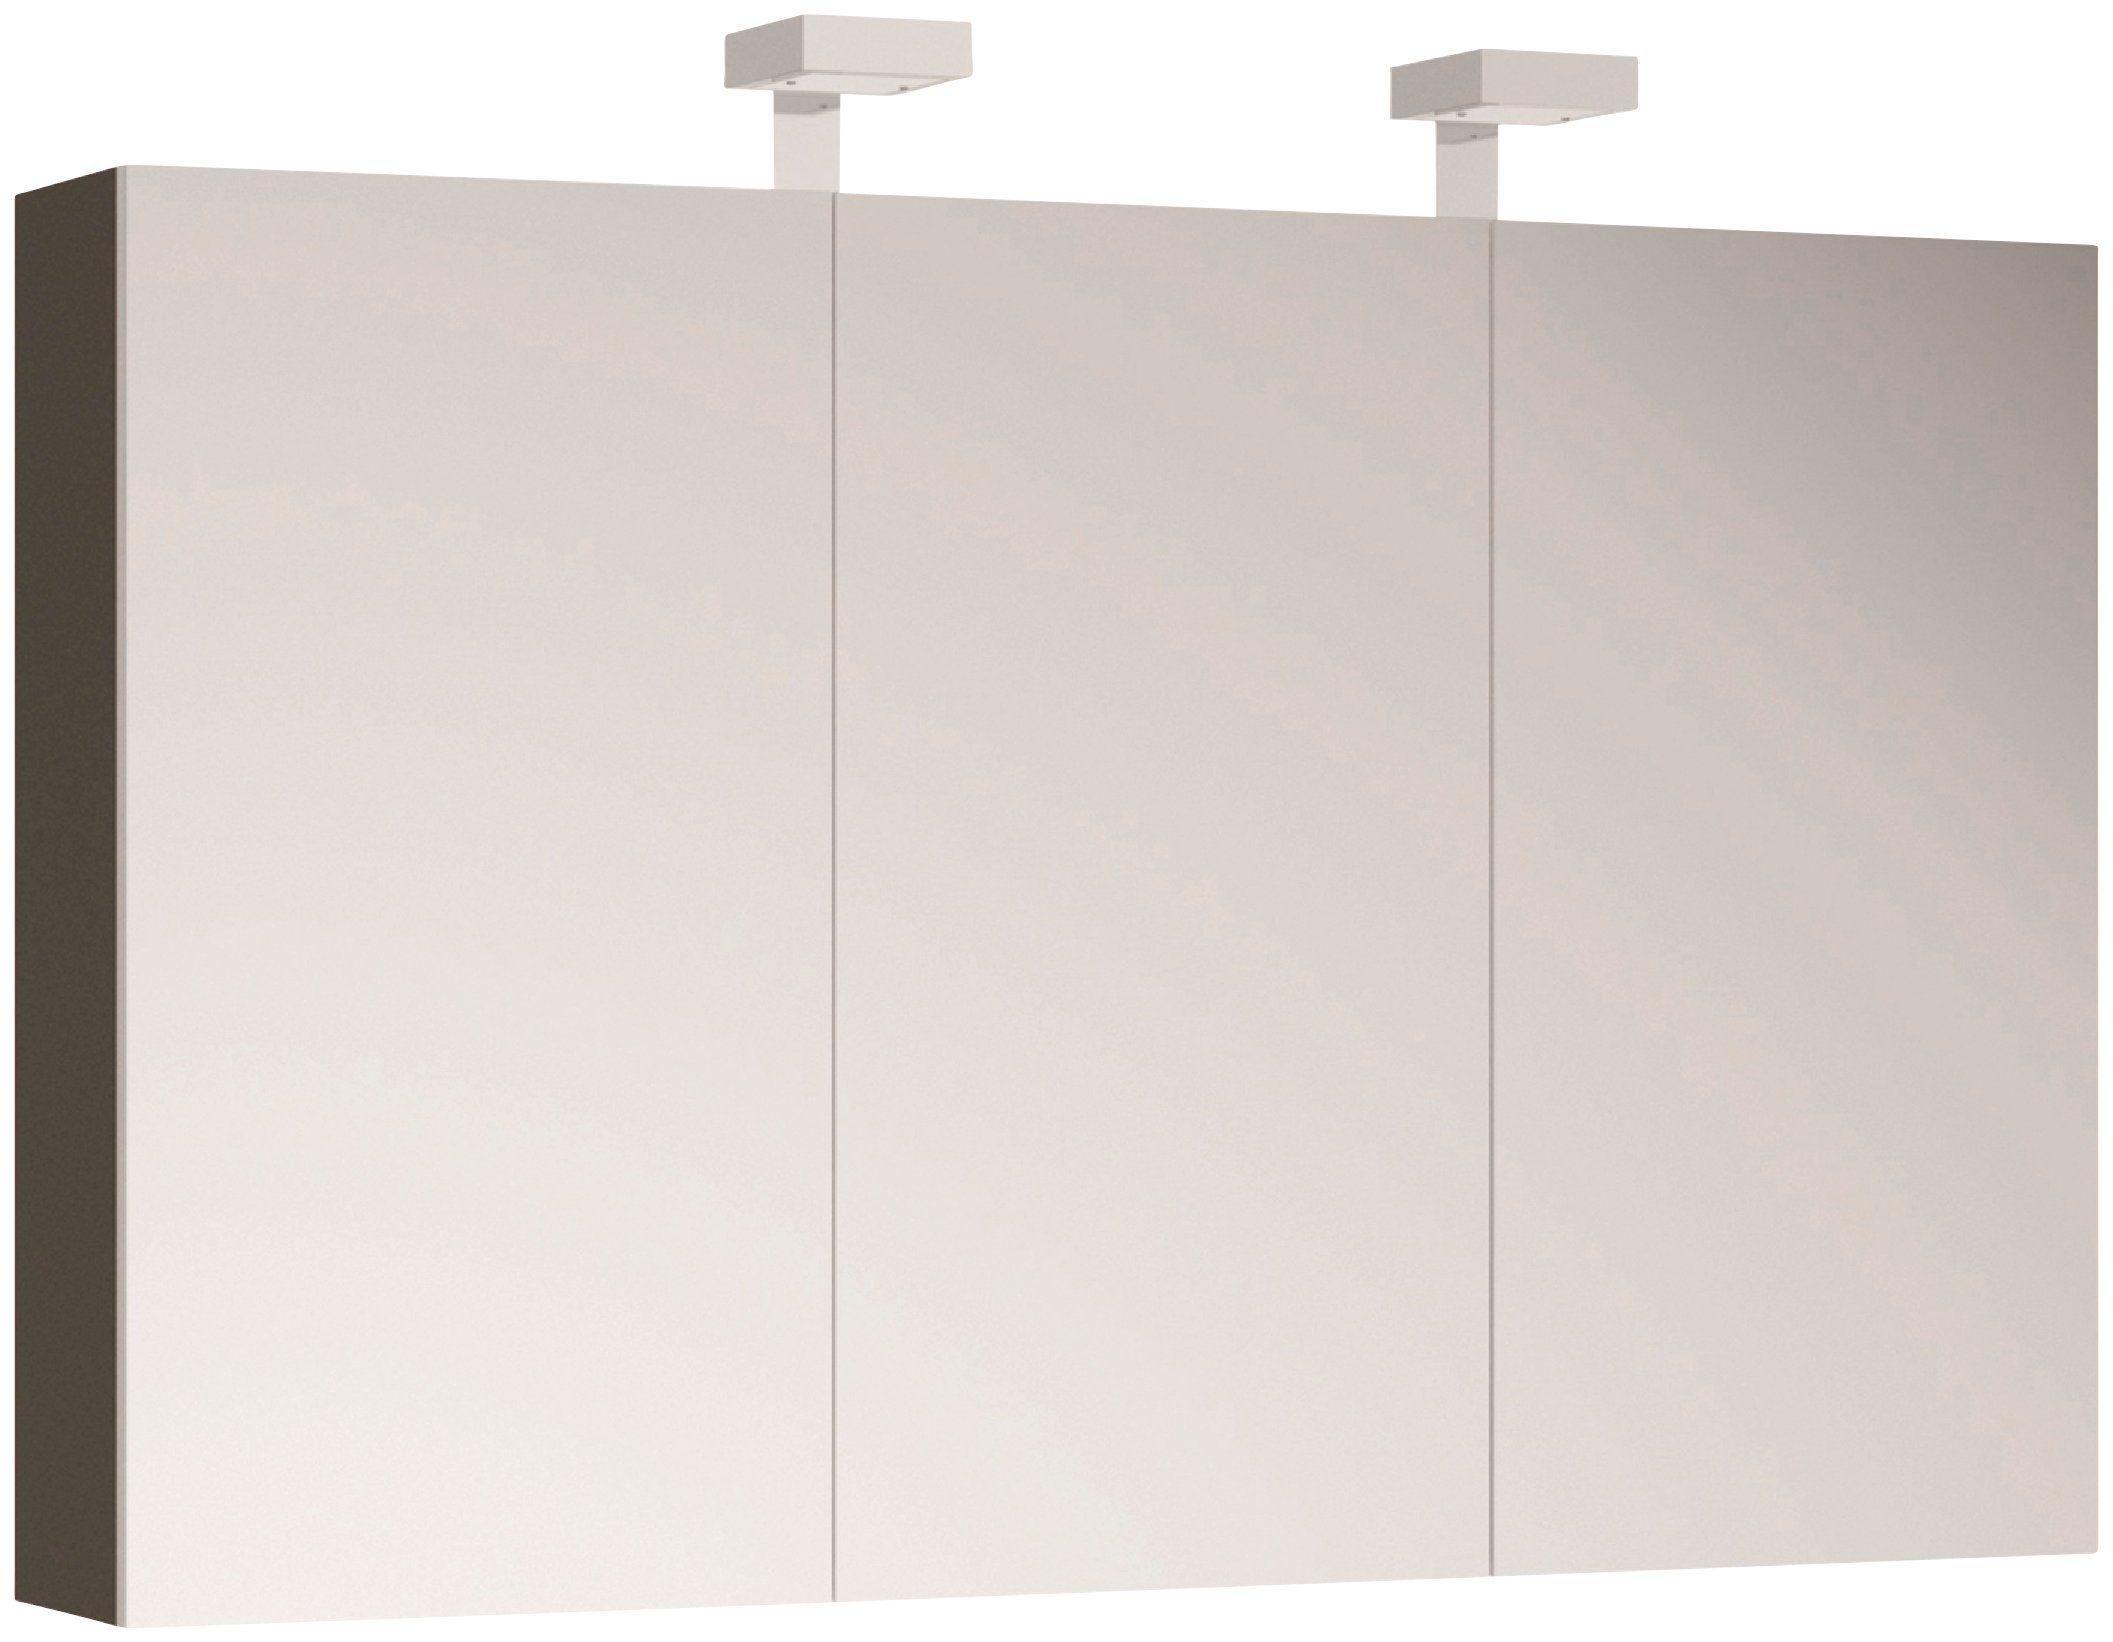 ALLIBERT Spiegelschrank , Breite 120 cm mit LED-Beleuchtung